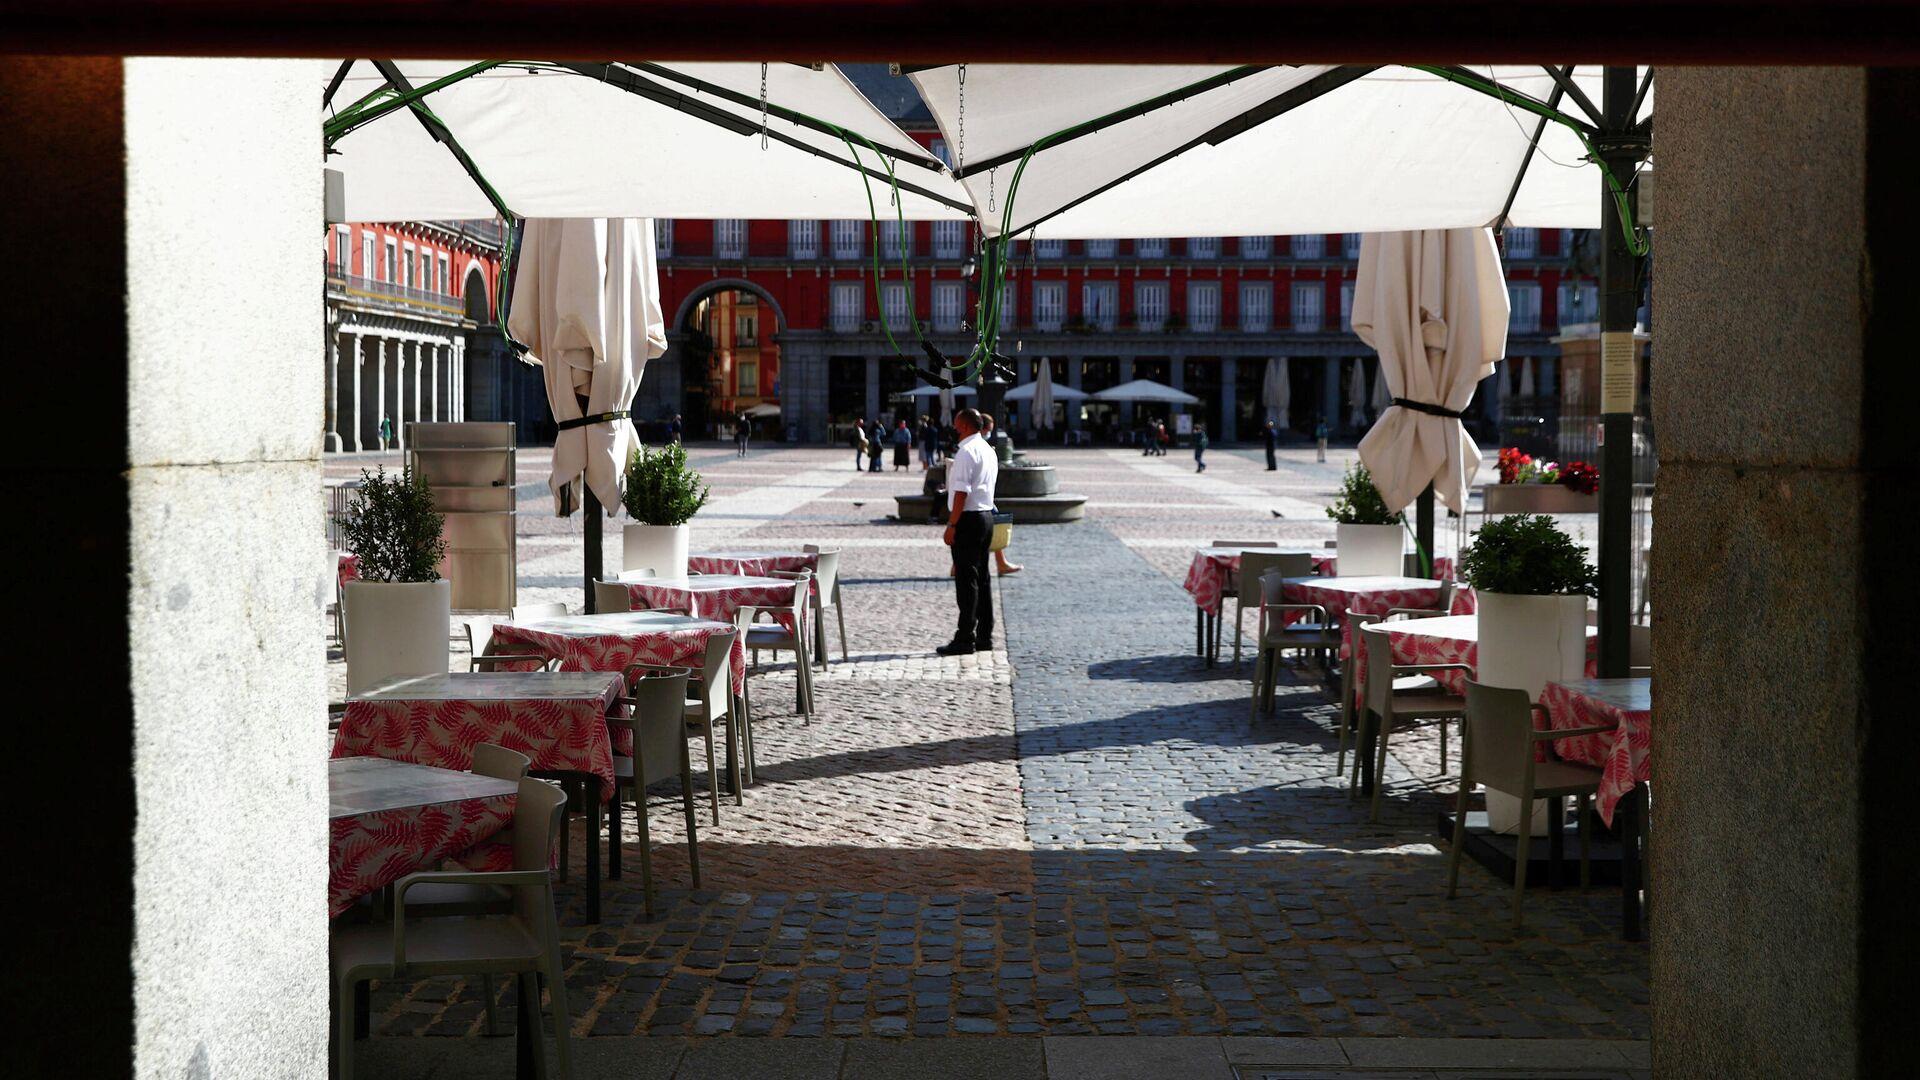 Официант в защитной маске у ресторана на площади Пласа-Майор  в Мадриде - РИА Новости, 1920, 07.10.2020